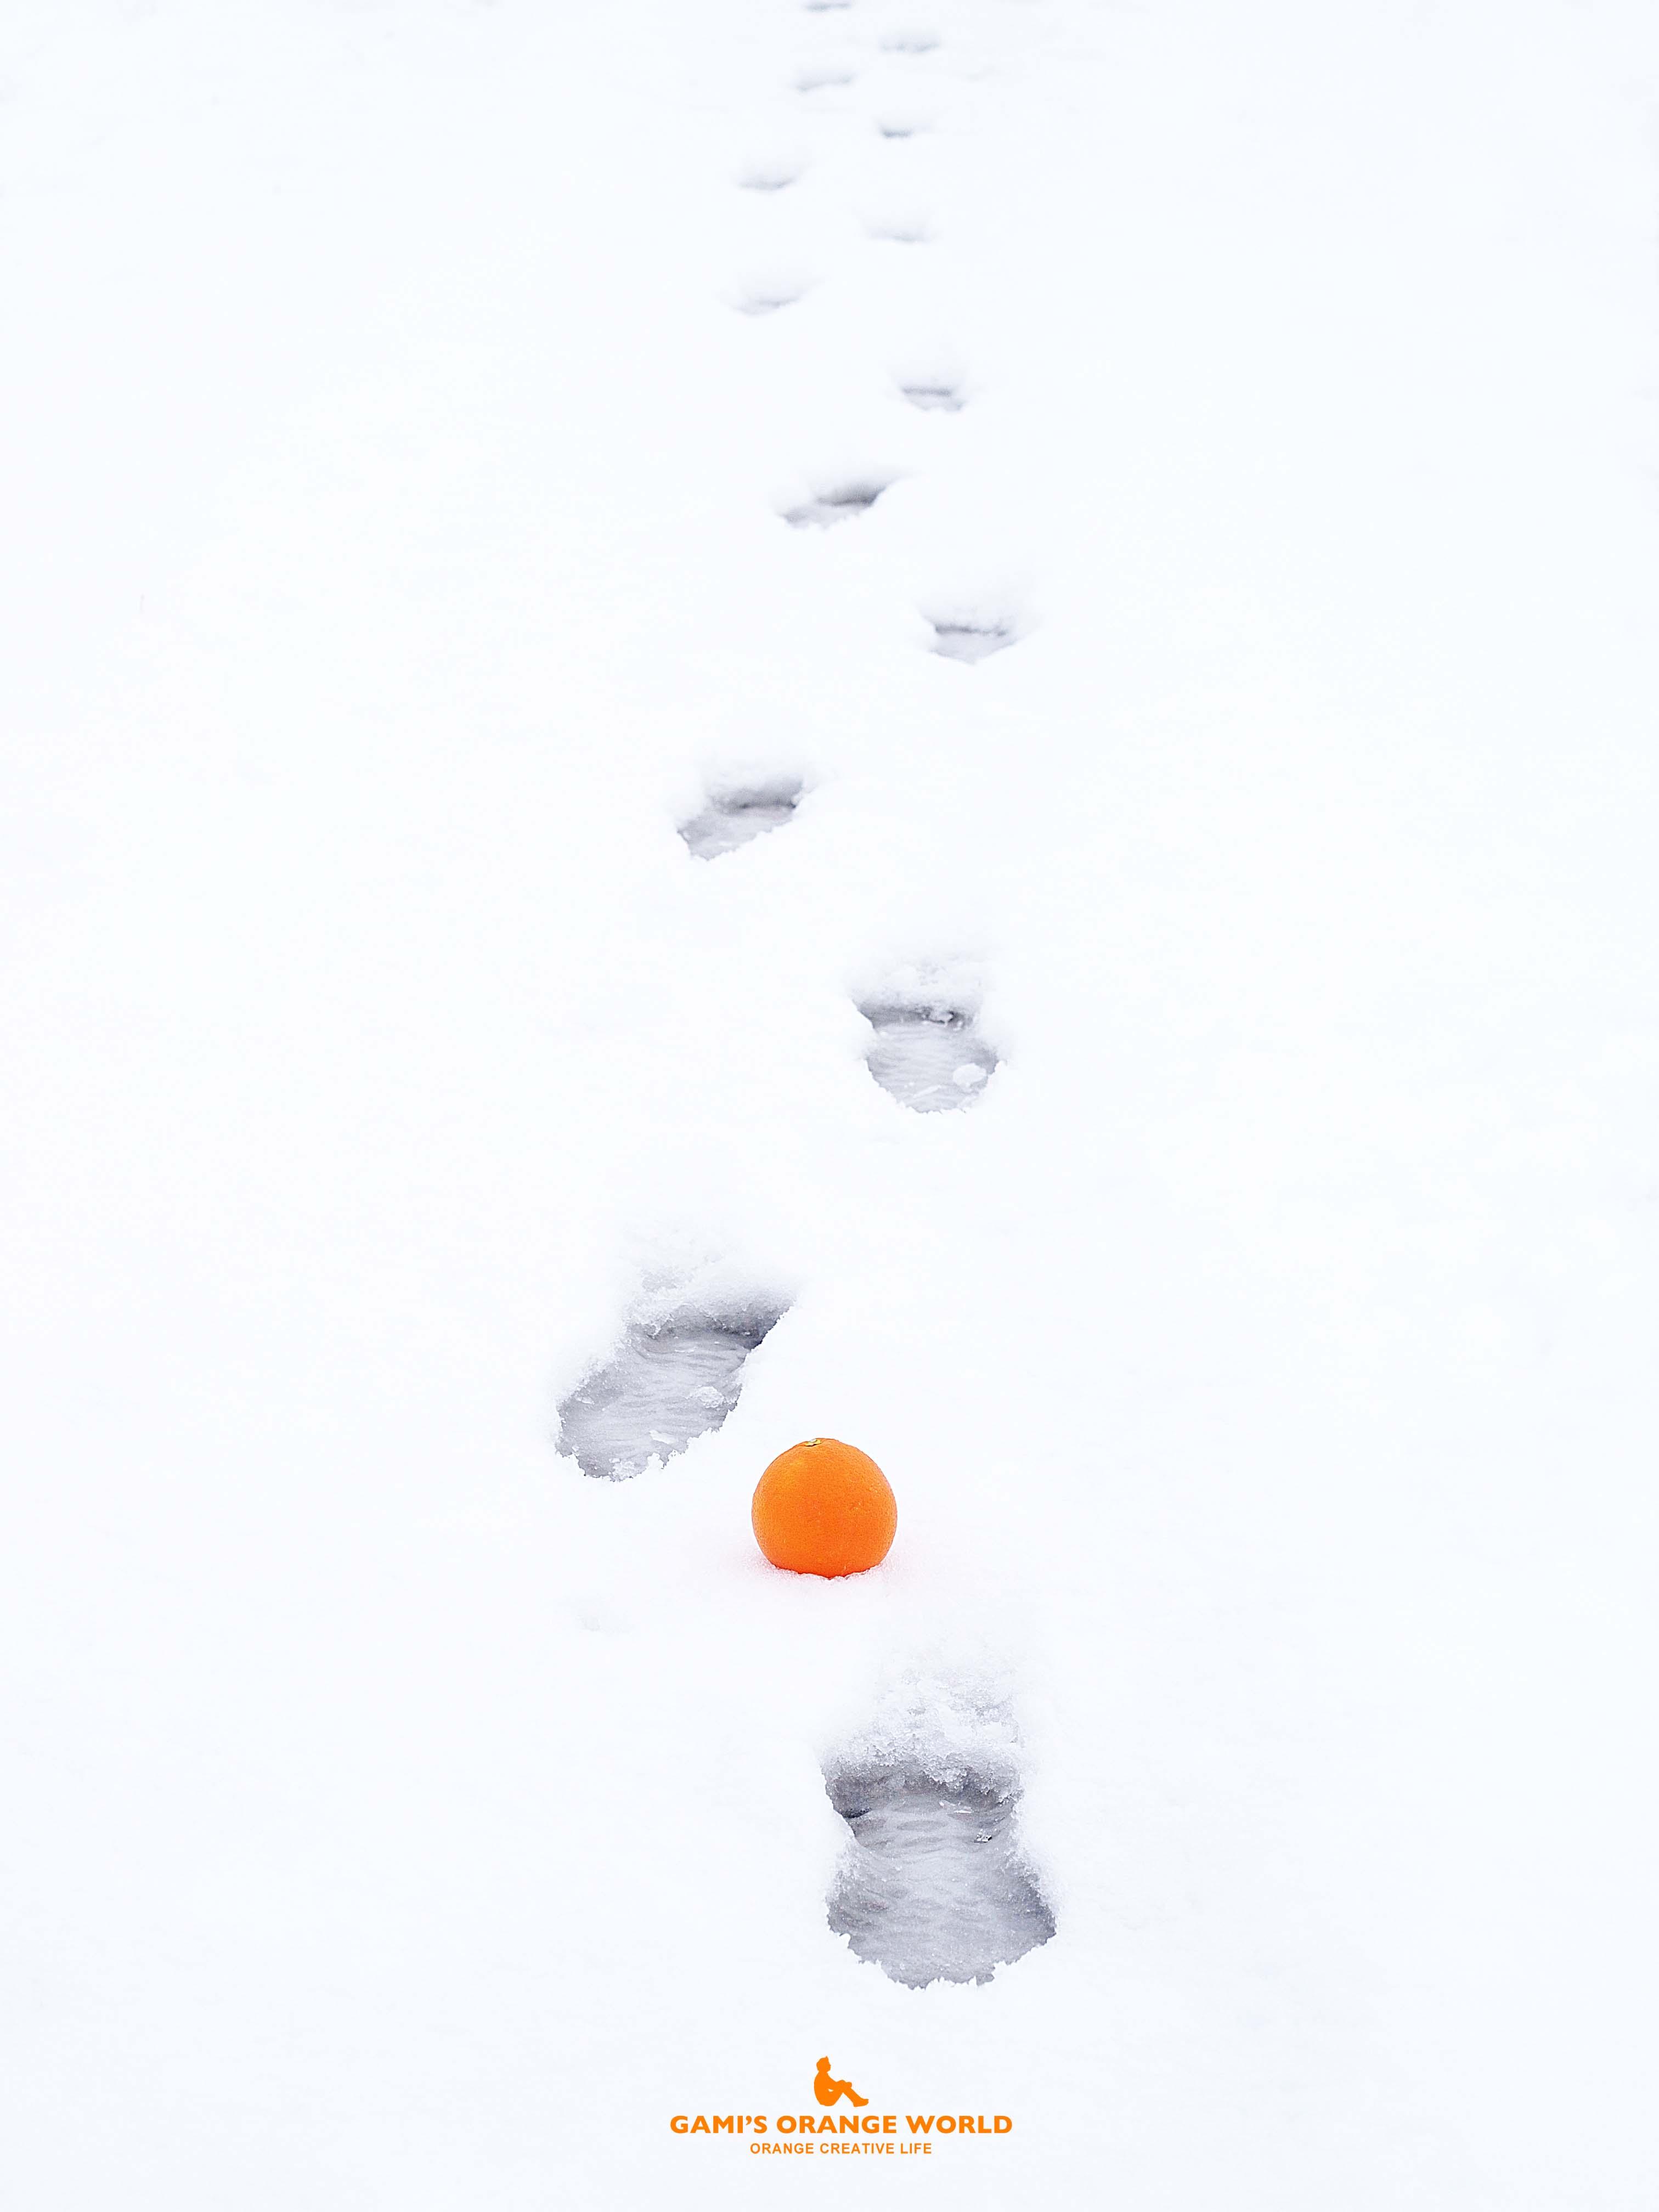 0532足跡とオレンジ7 のコピー